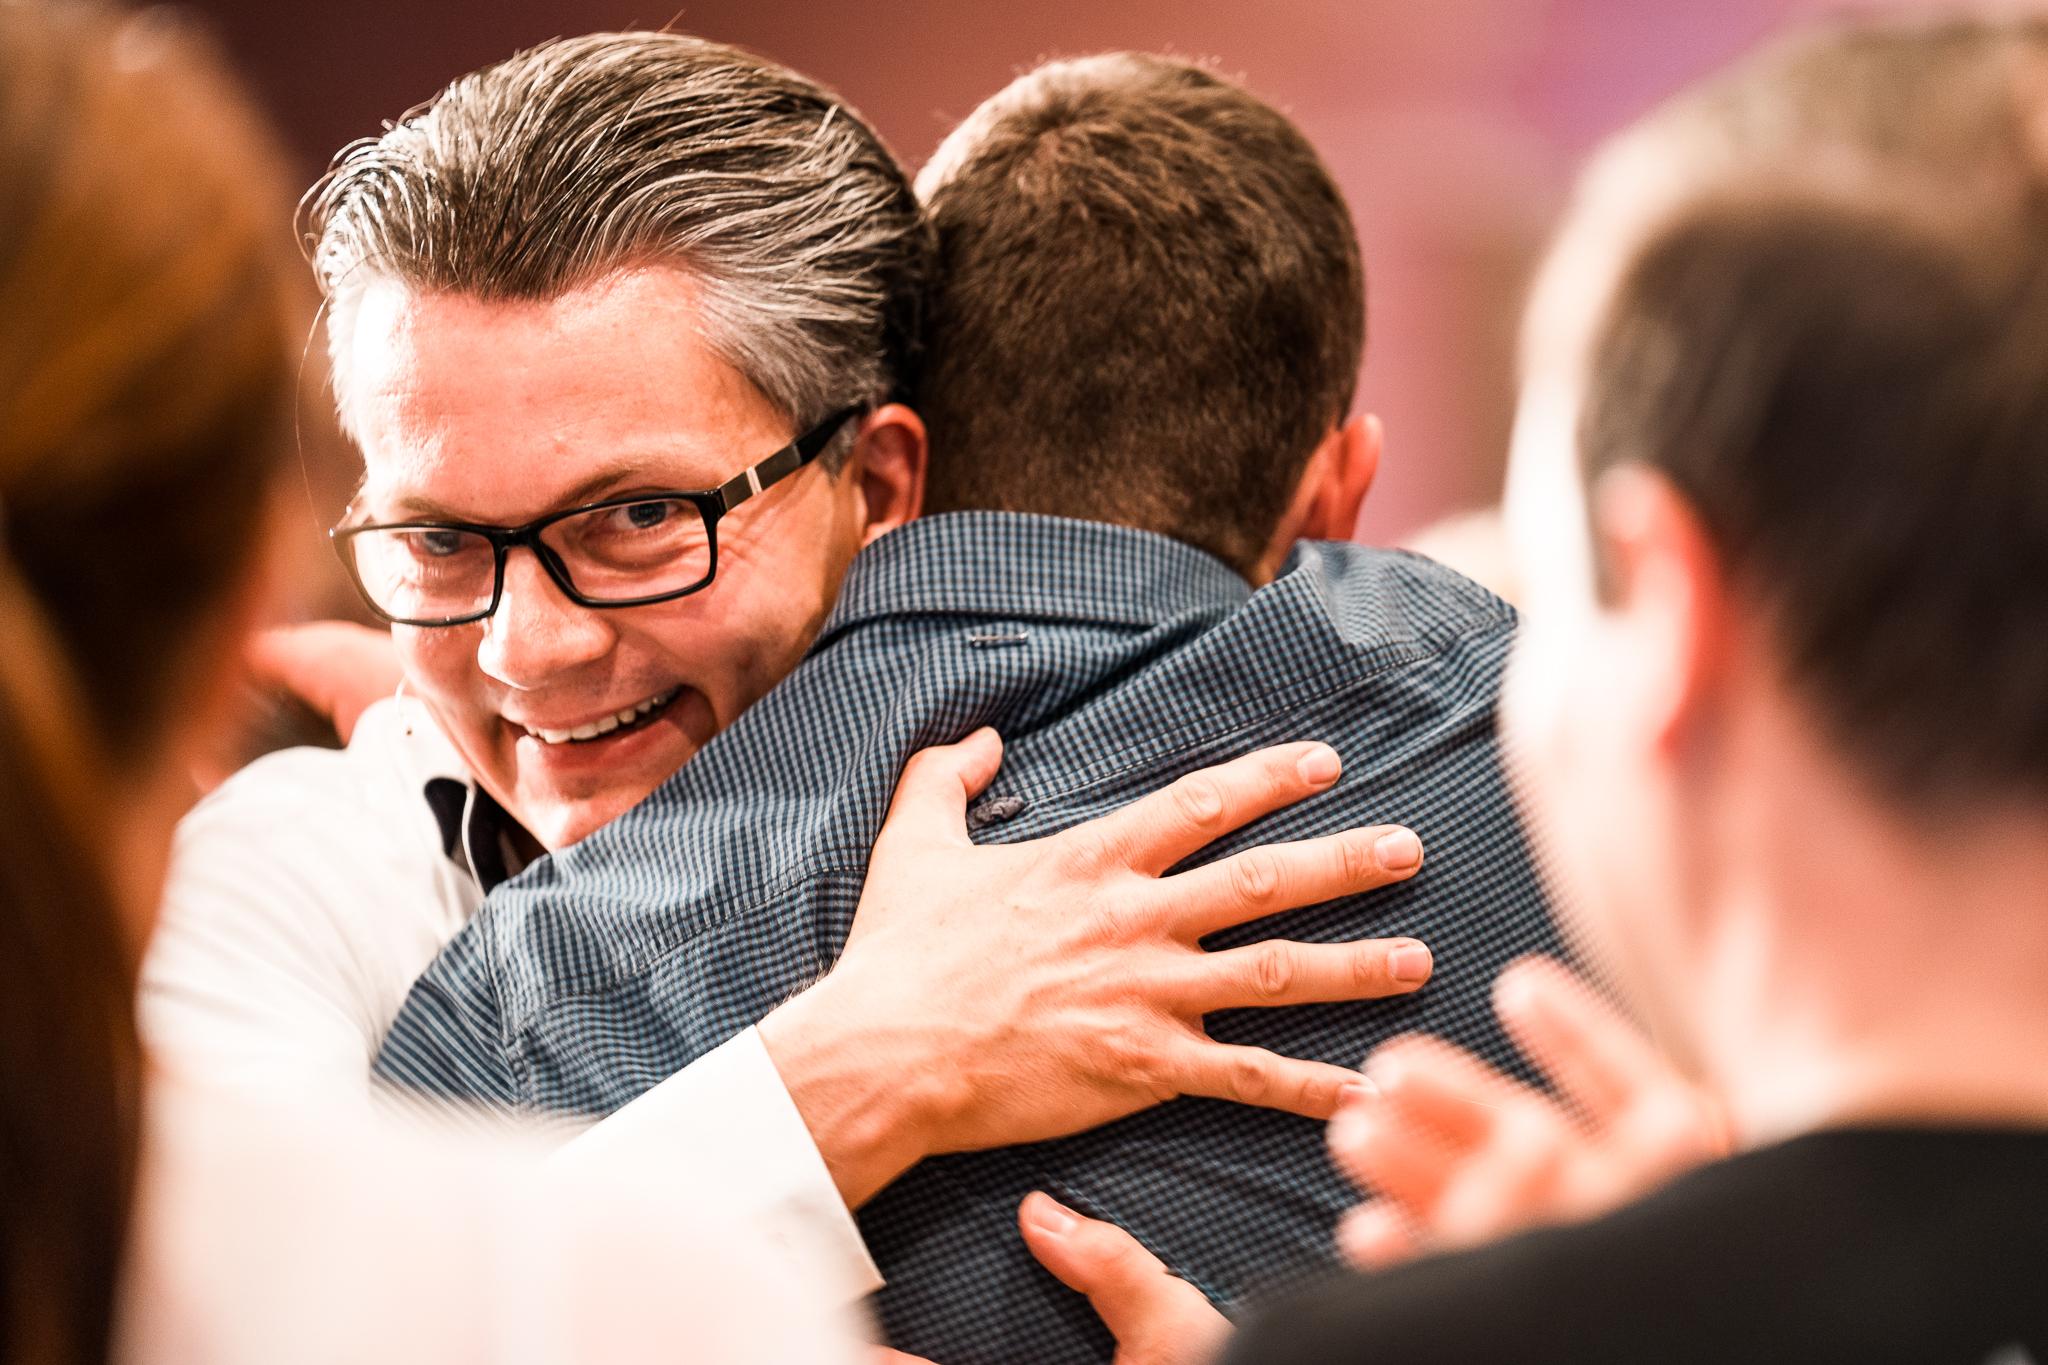 Damian umarmt Teilnehmer von Coachingausbildung